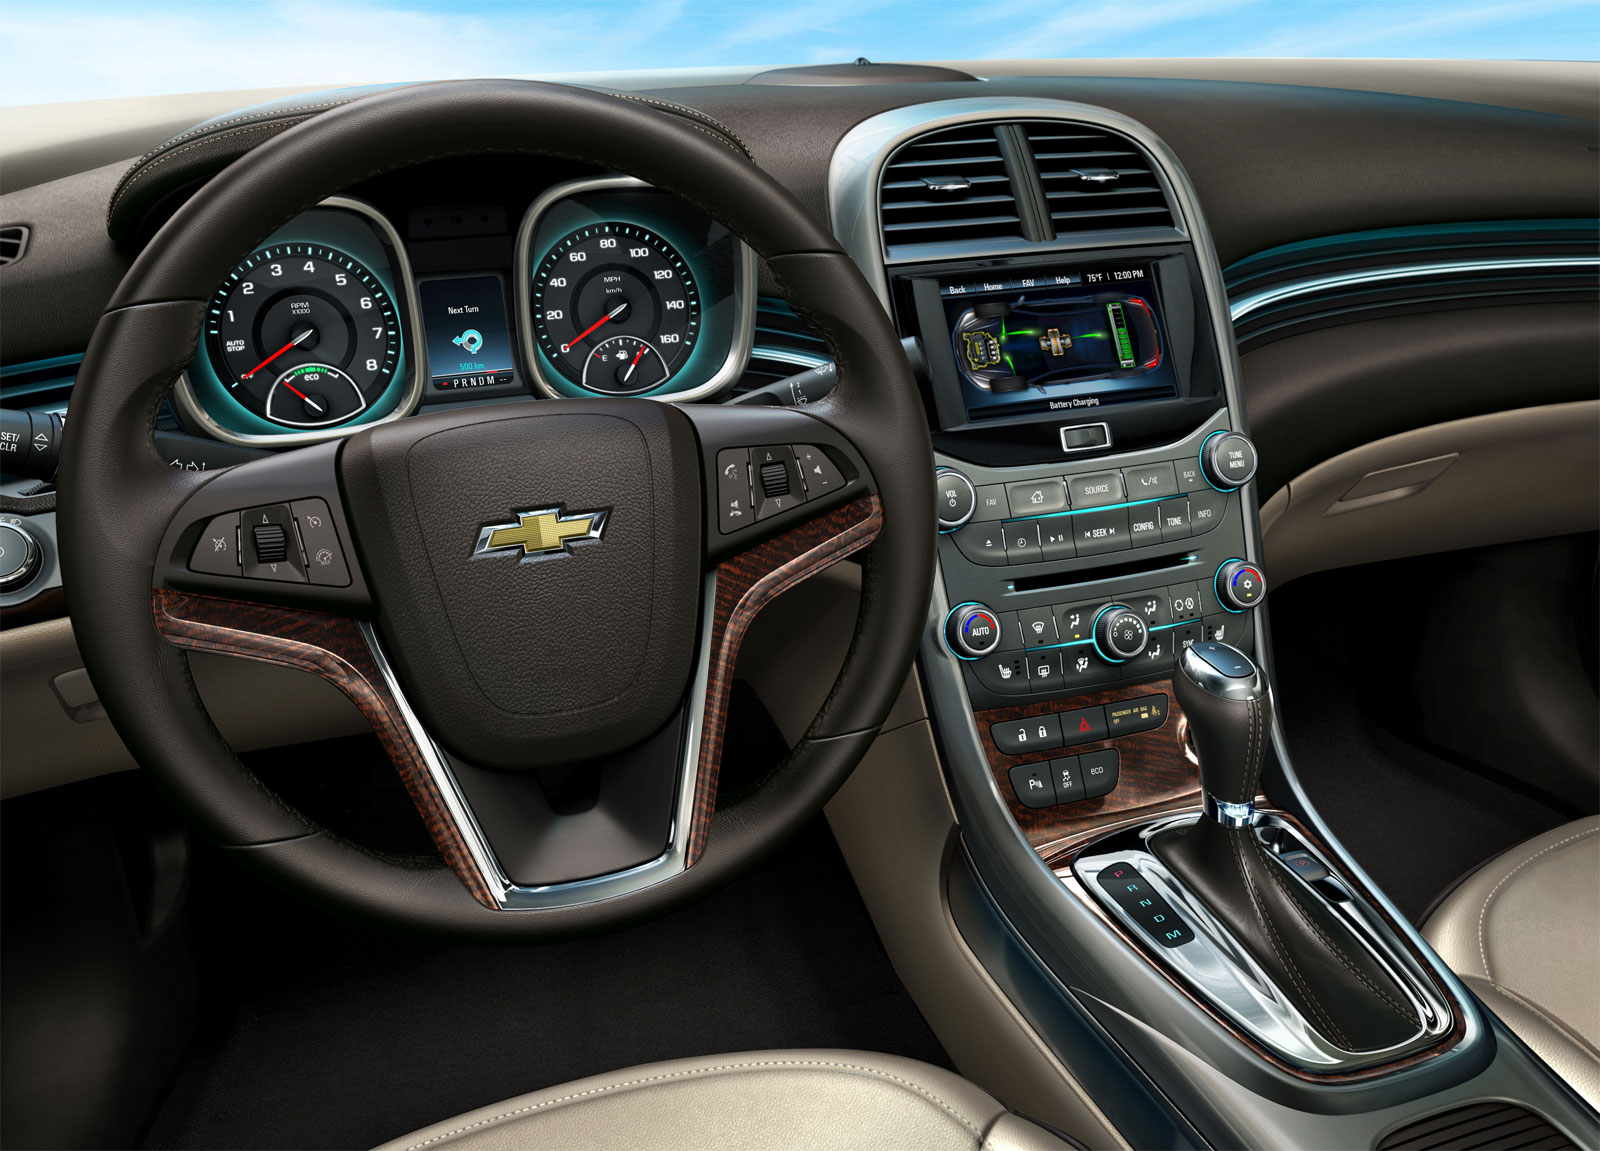 http://1.bp.blogspot.com/-Ka8P1I-CsoY/T-sOJxtMzII/AAAAAAAAD-A/gY8cIqPeIeA/s1600/Chevrolet+Malibu+Eco+Hd+Wallpapers+2013_13.jpg